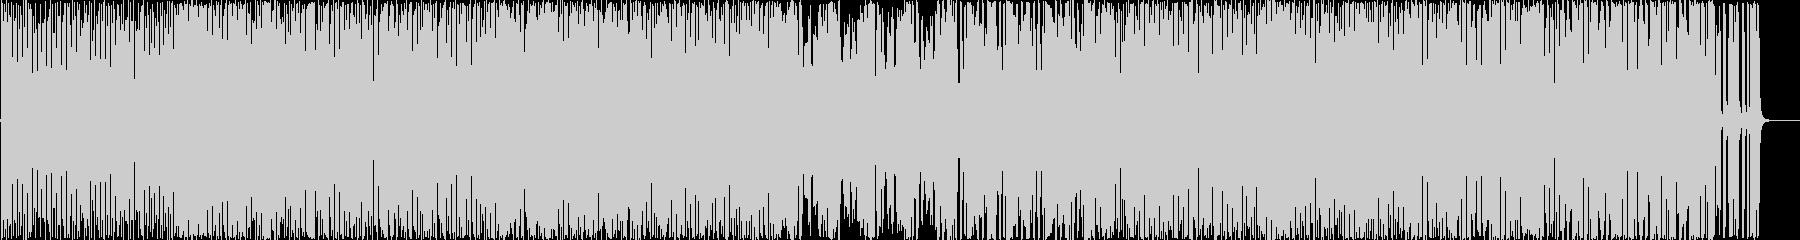 シイタケのイメージソングの未再生の波形